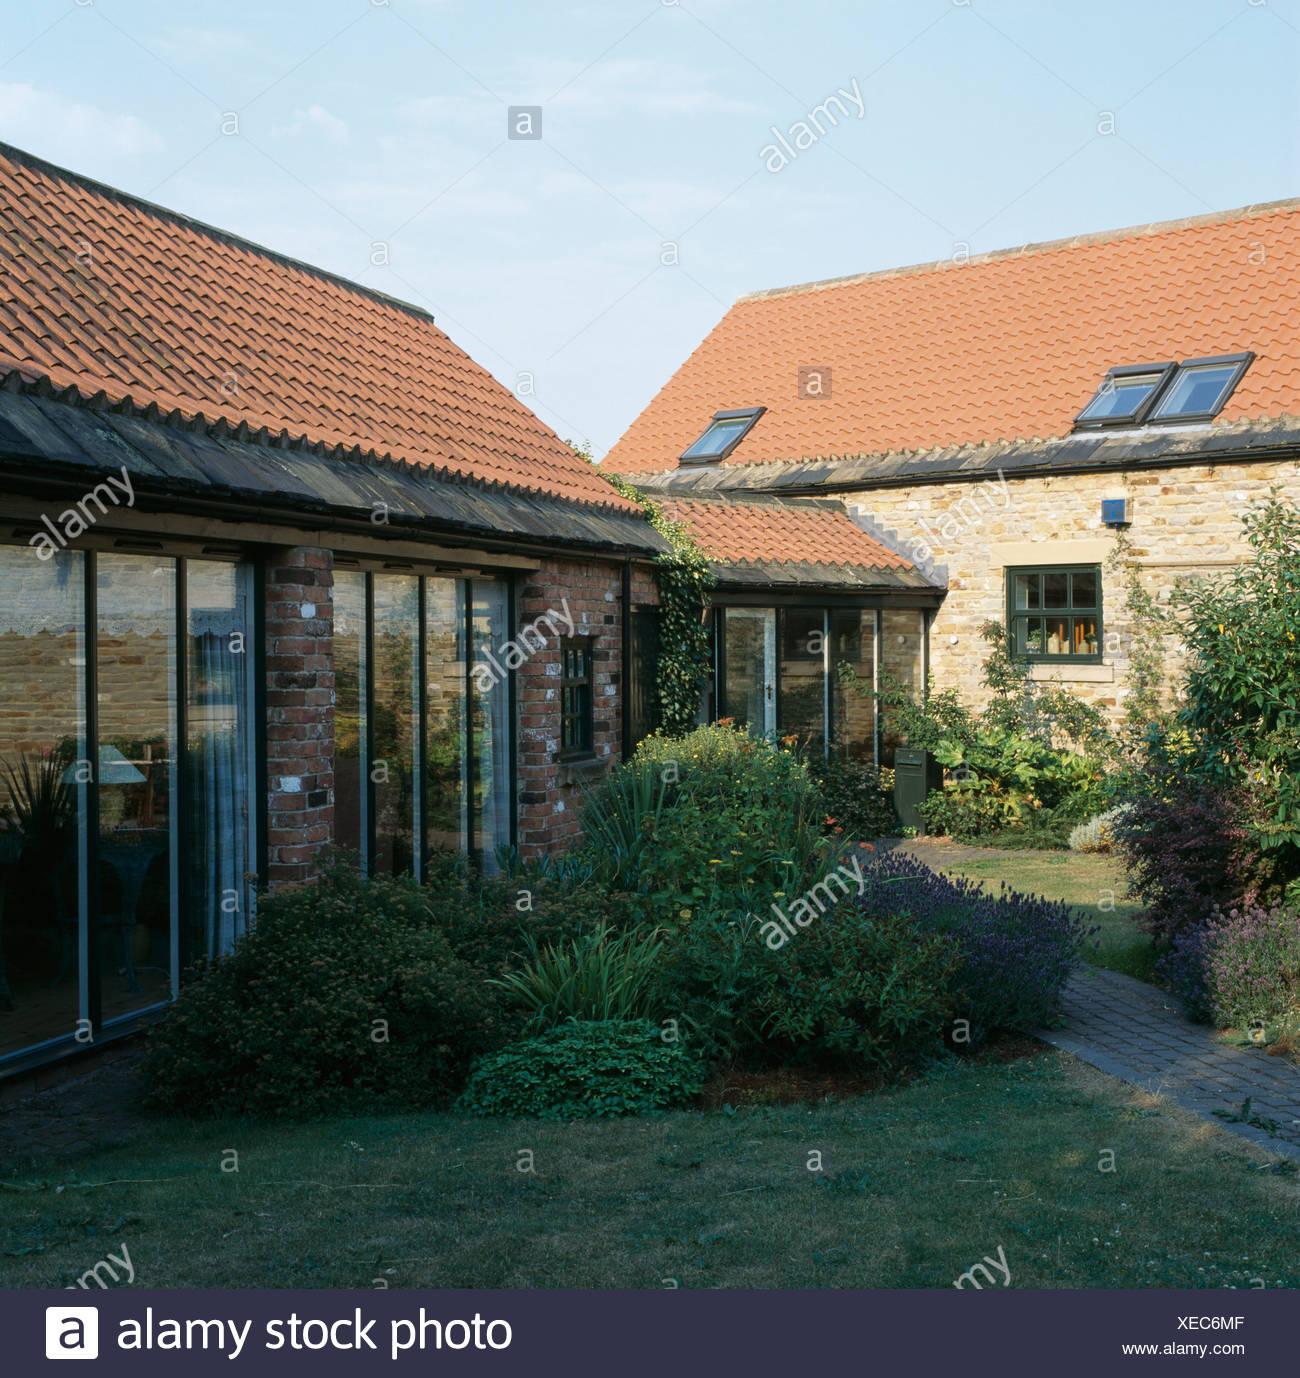 Umgebaute Scheune Mit Kleinen Erweiterung Verknüpfung Konvertiert Kuh  Schuppen Mit Glastüren Stockbild